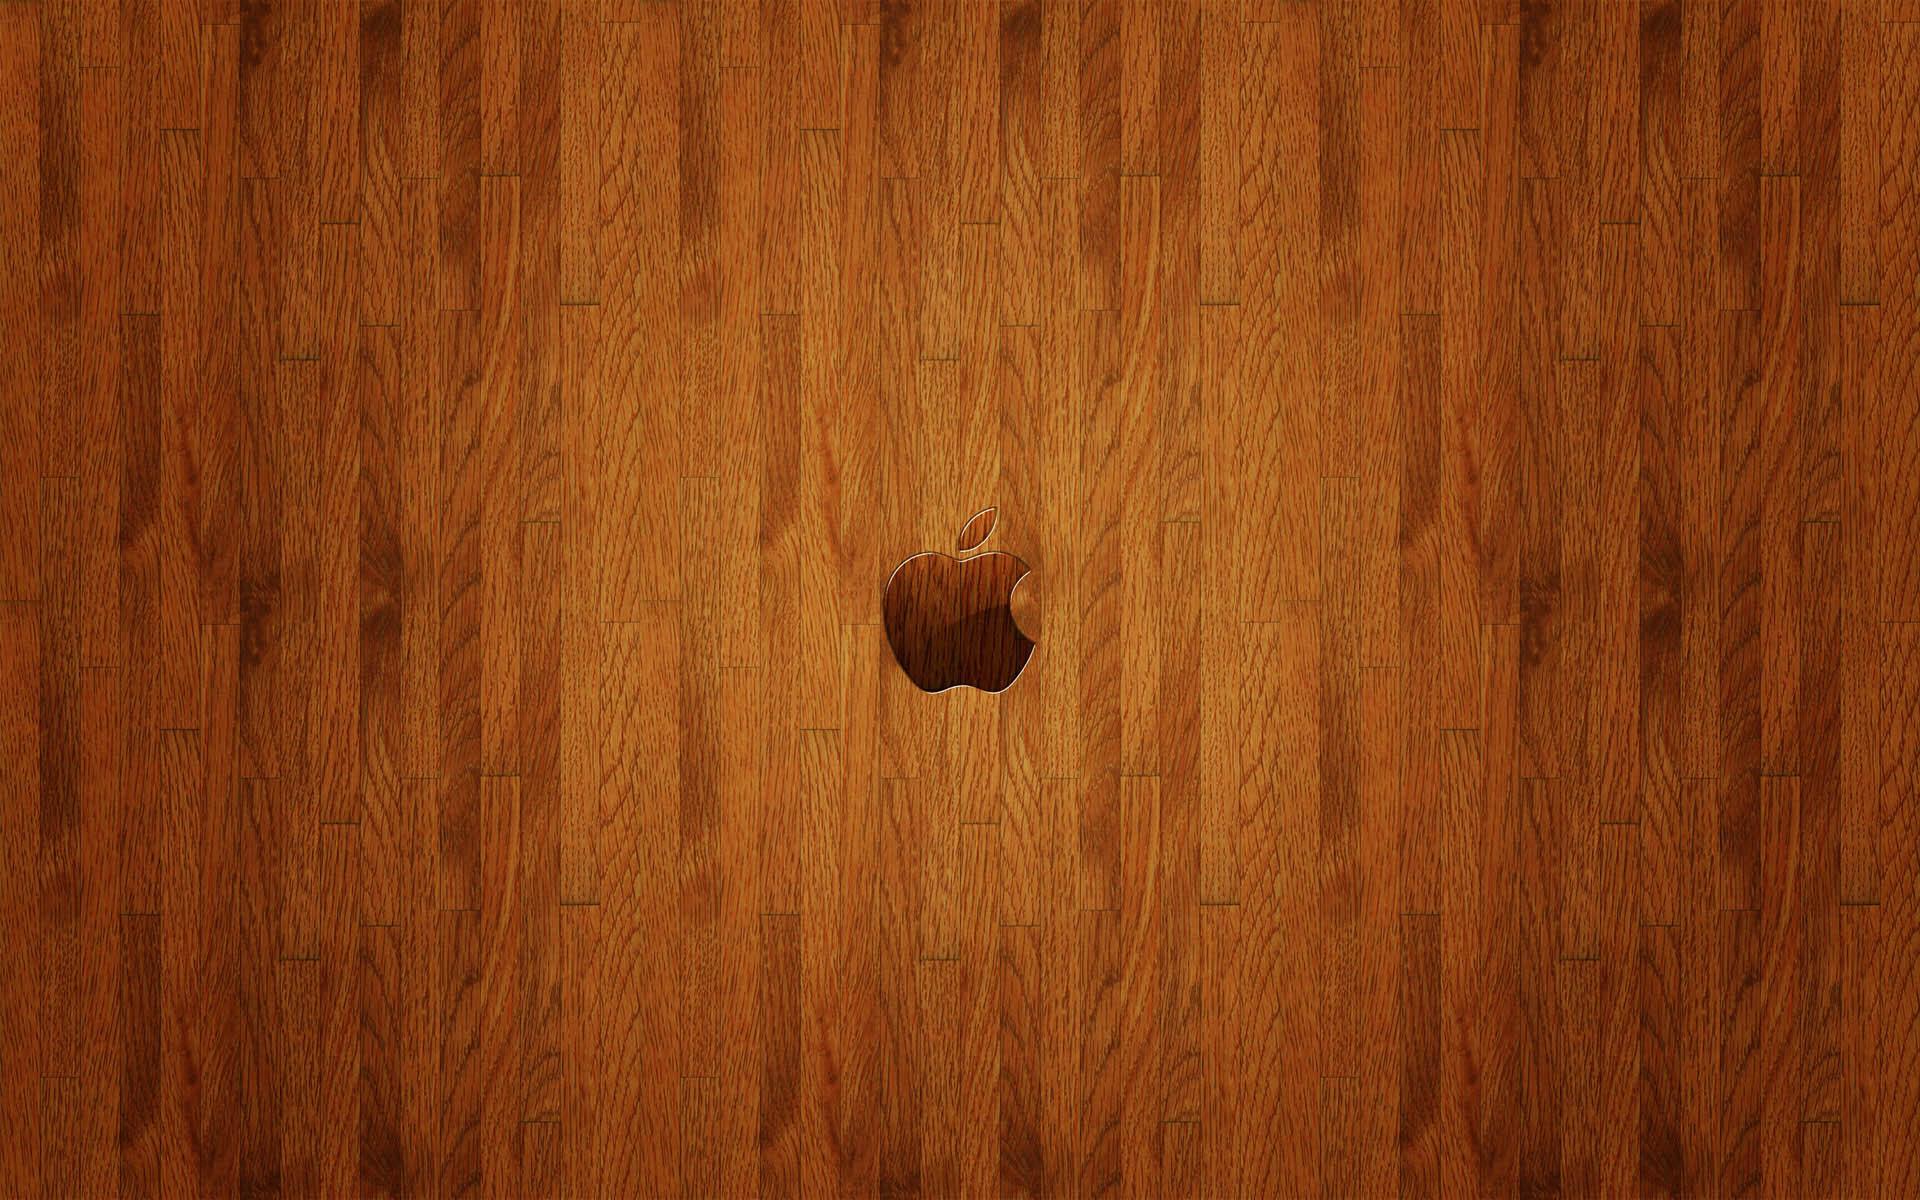 三张木质苹果壁纸